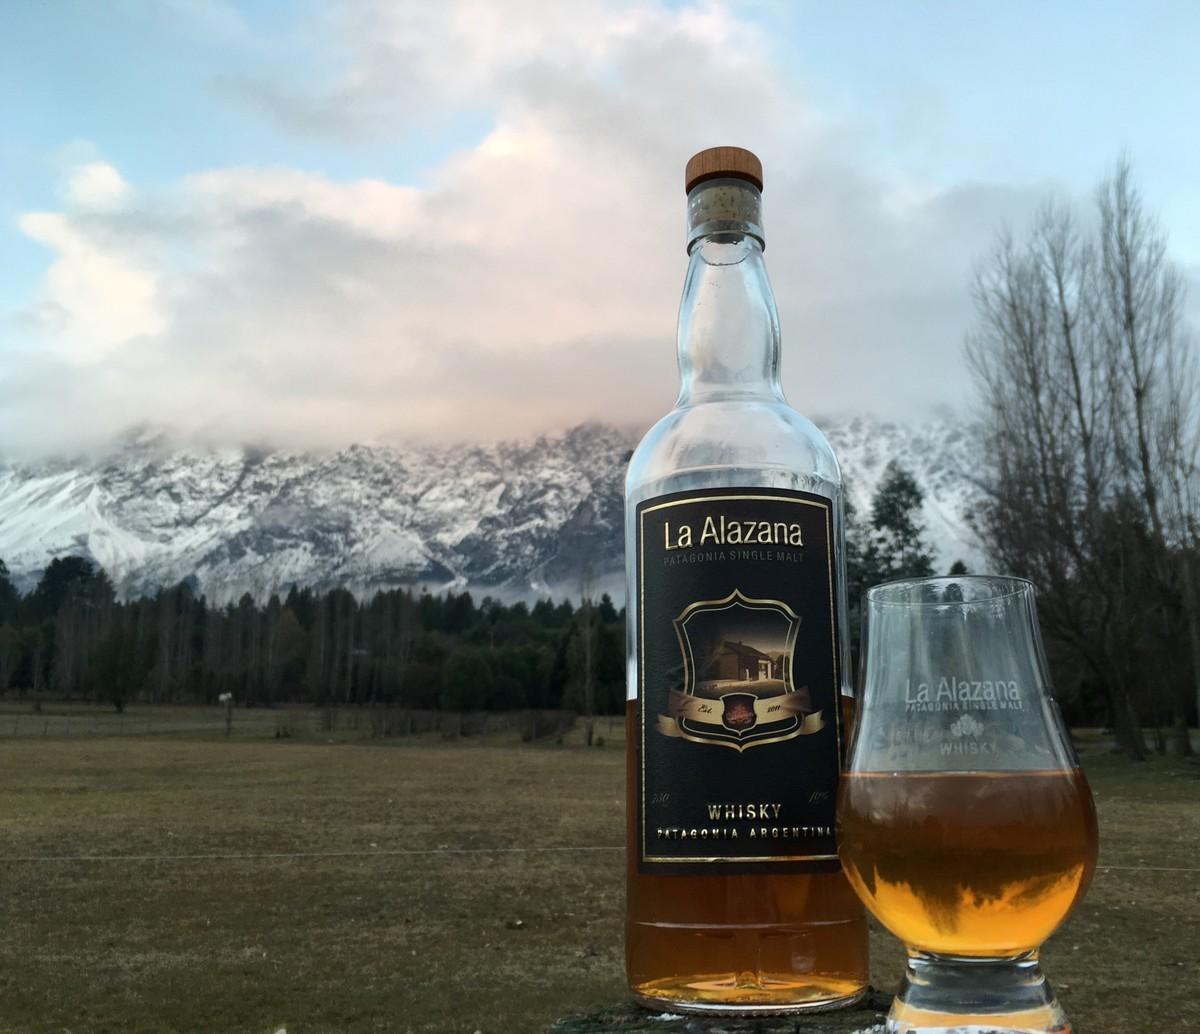 Whisky-Patagonia